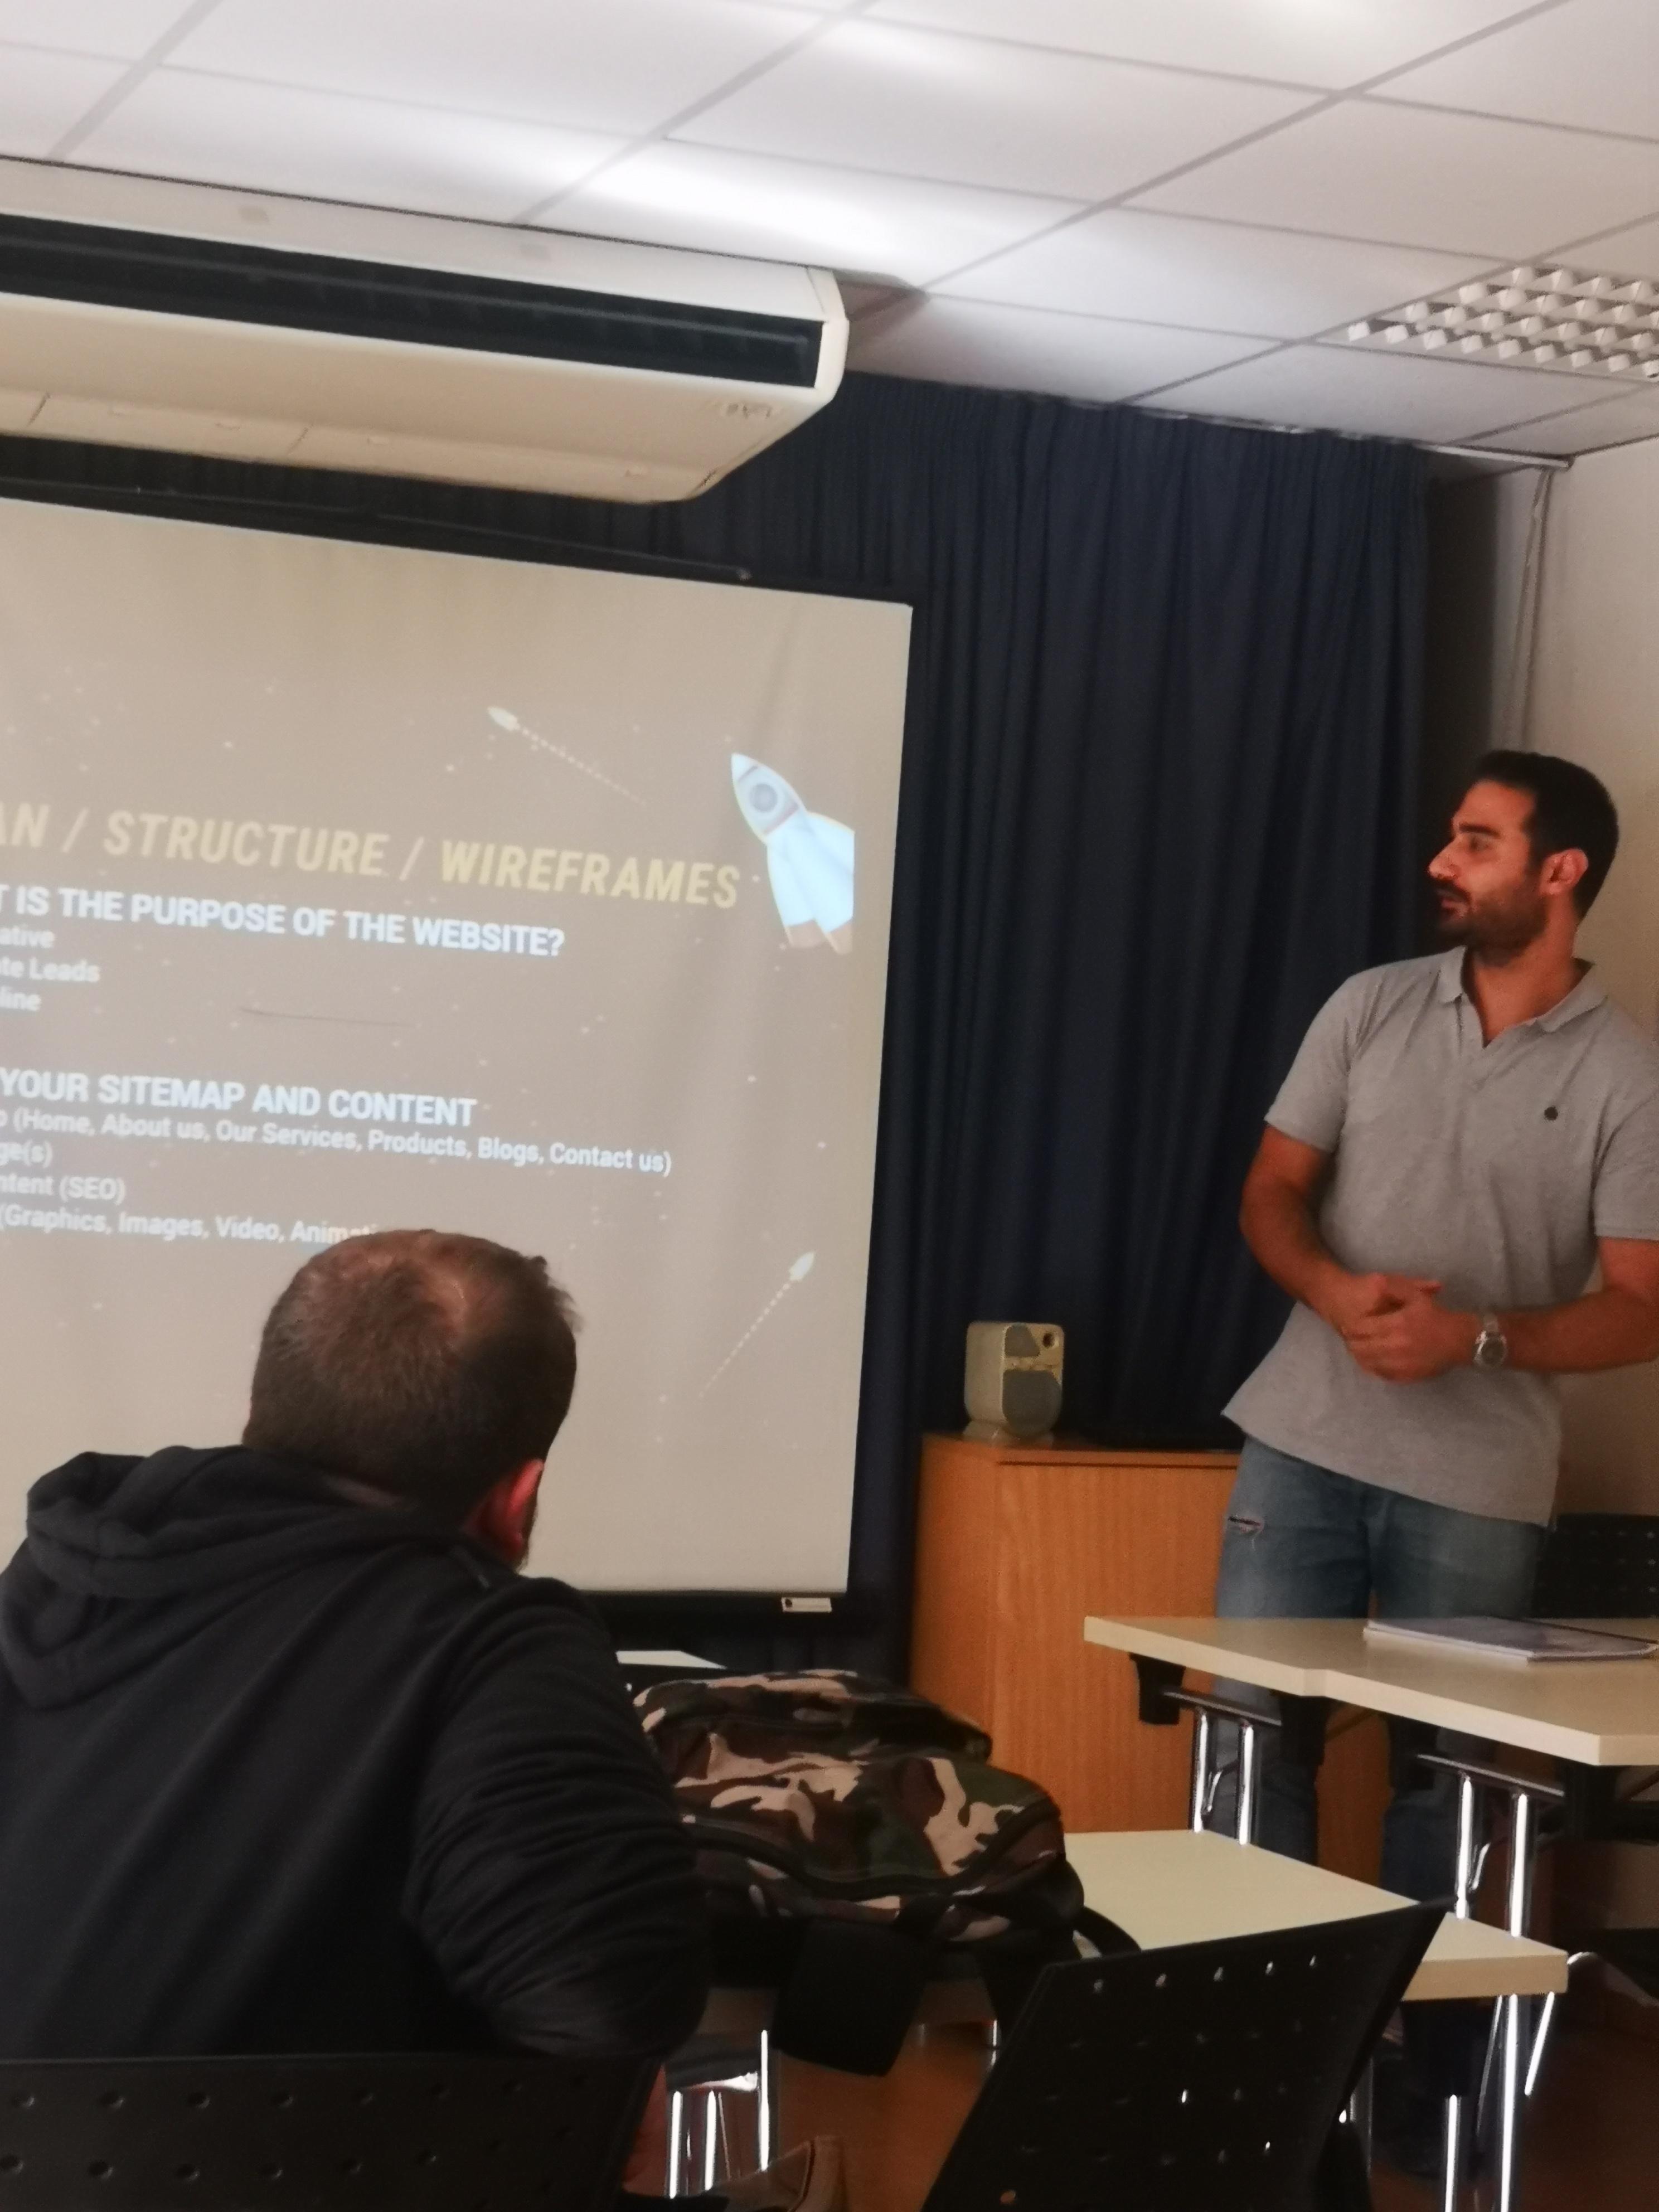 Παρουσίαση με θέμα «Δημιουργία και Ανάπτυξη Ιστοσελίδων» στους φοιτητές Επισιτιστικών Τεχνών του KES COLLEGE